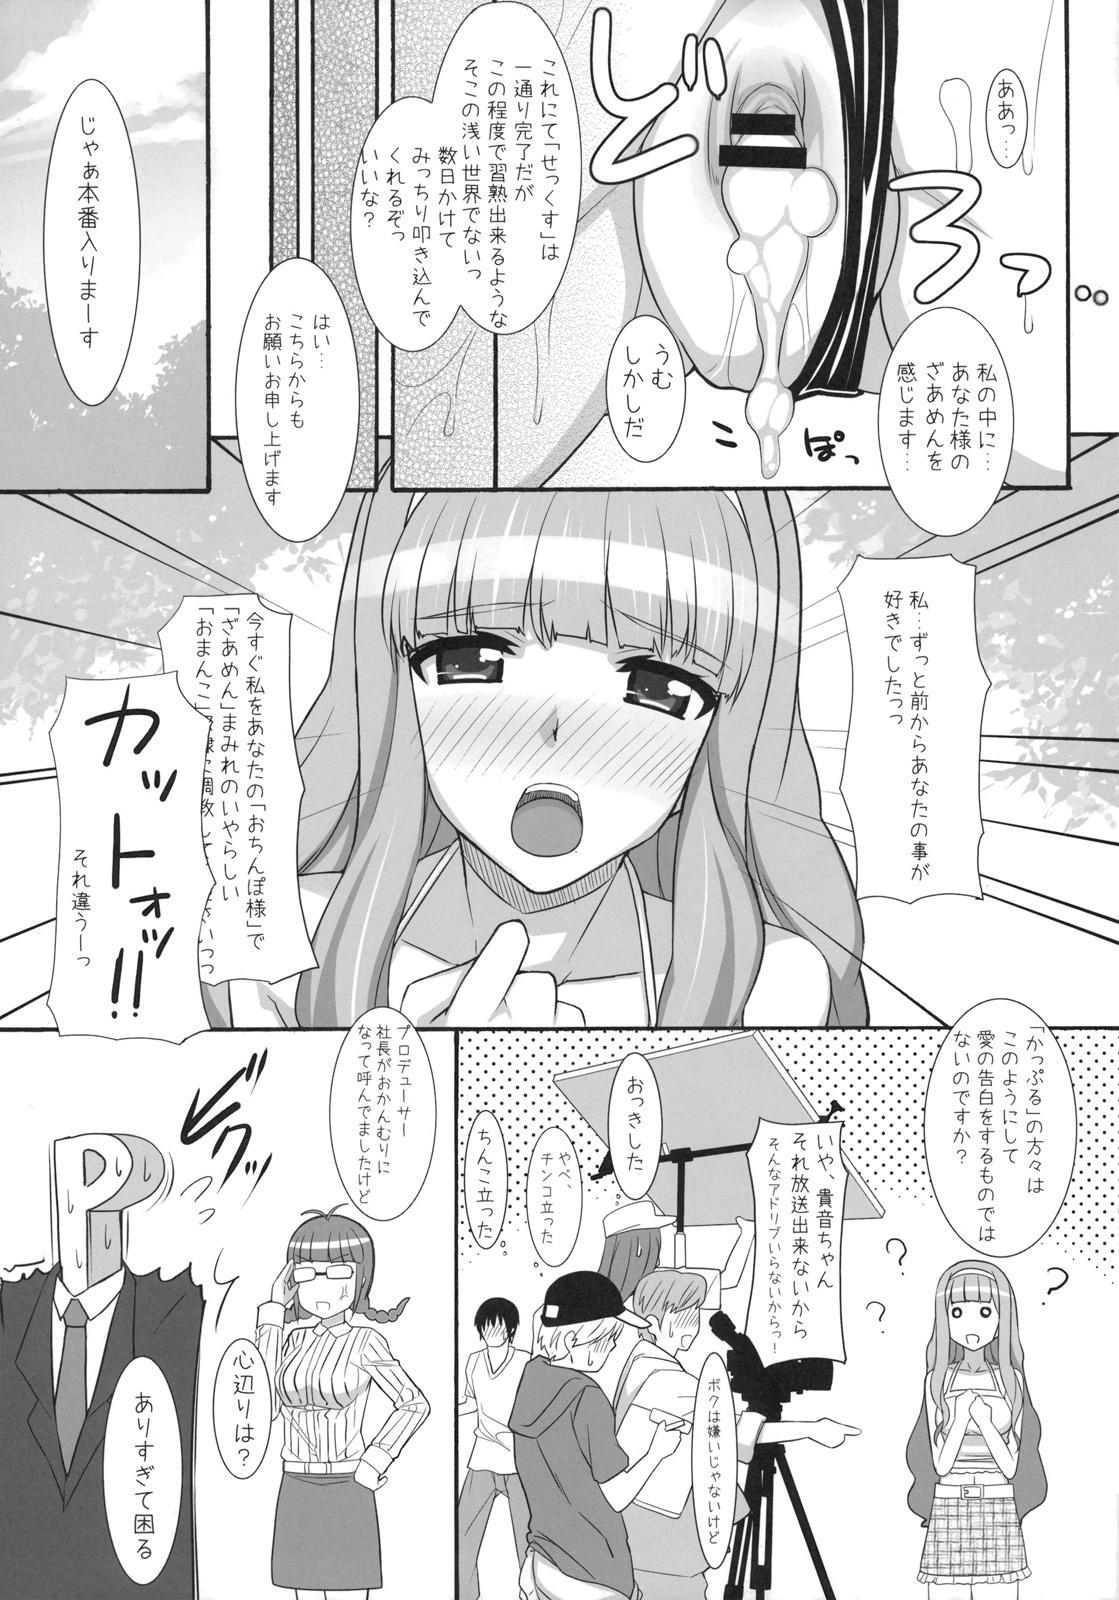 Takane ga 「S○X」ni tsuite Oshiete Hoshiisou desu. 18